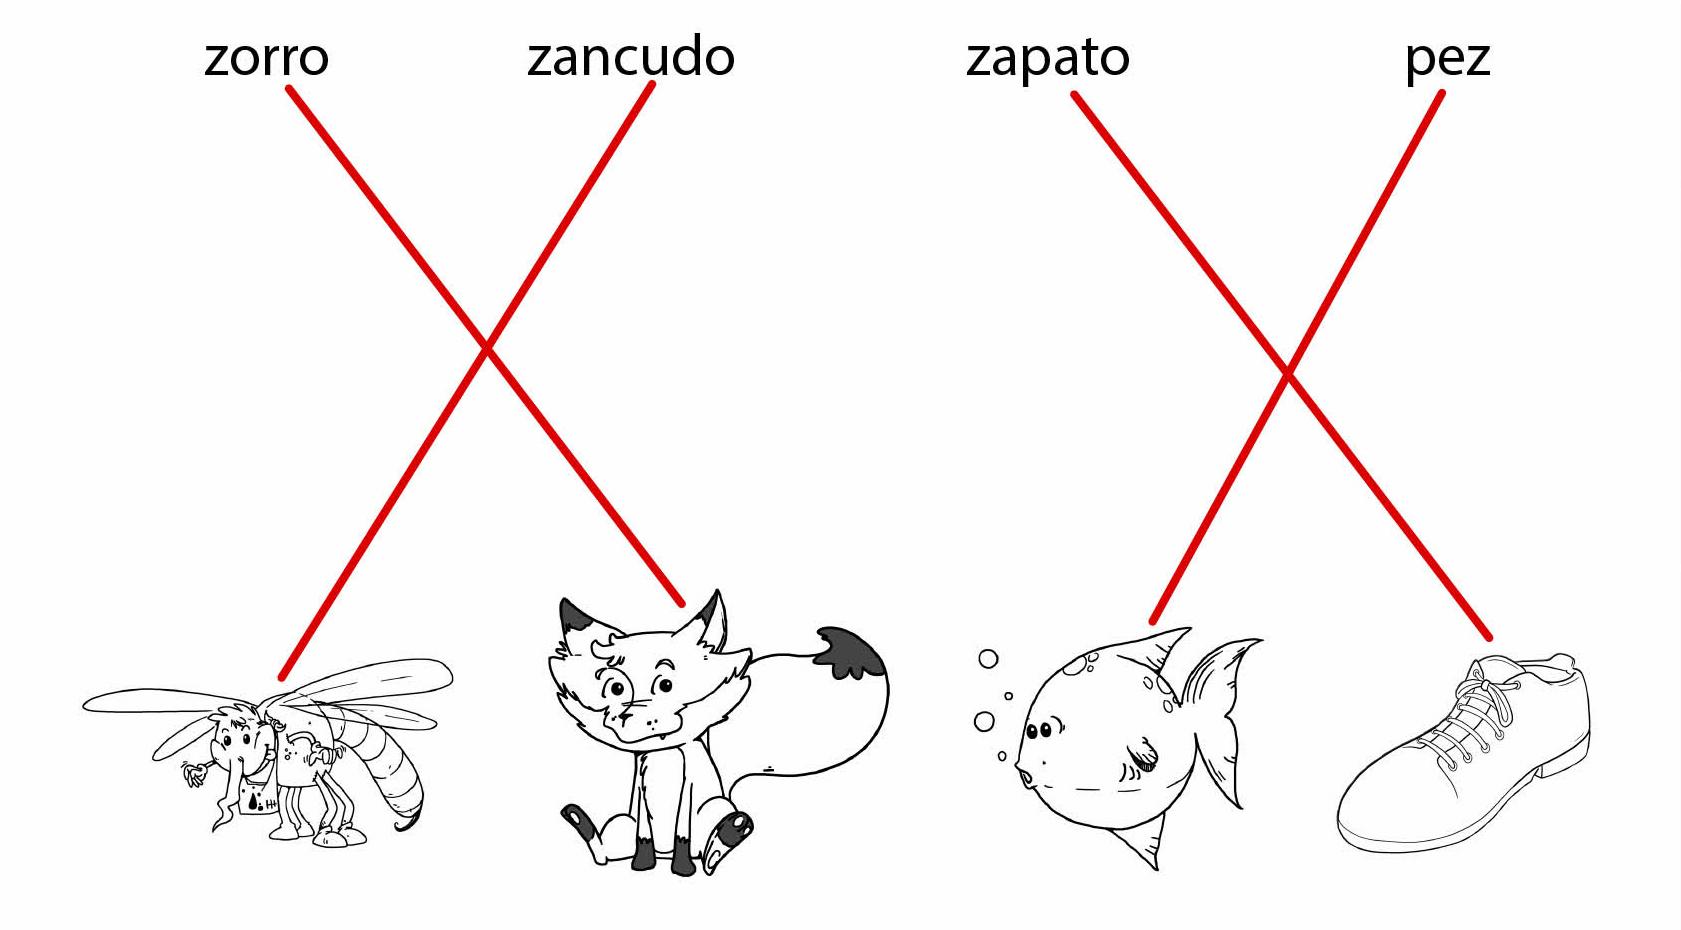 Dibujos Para Colorear Que Empiecen Con La Letra A: Dibujos Que Empiecen Con La Letra Z